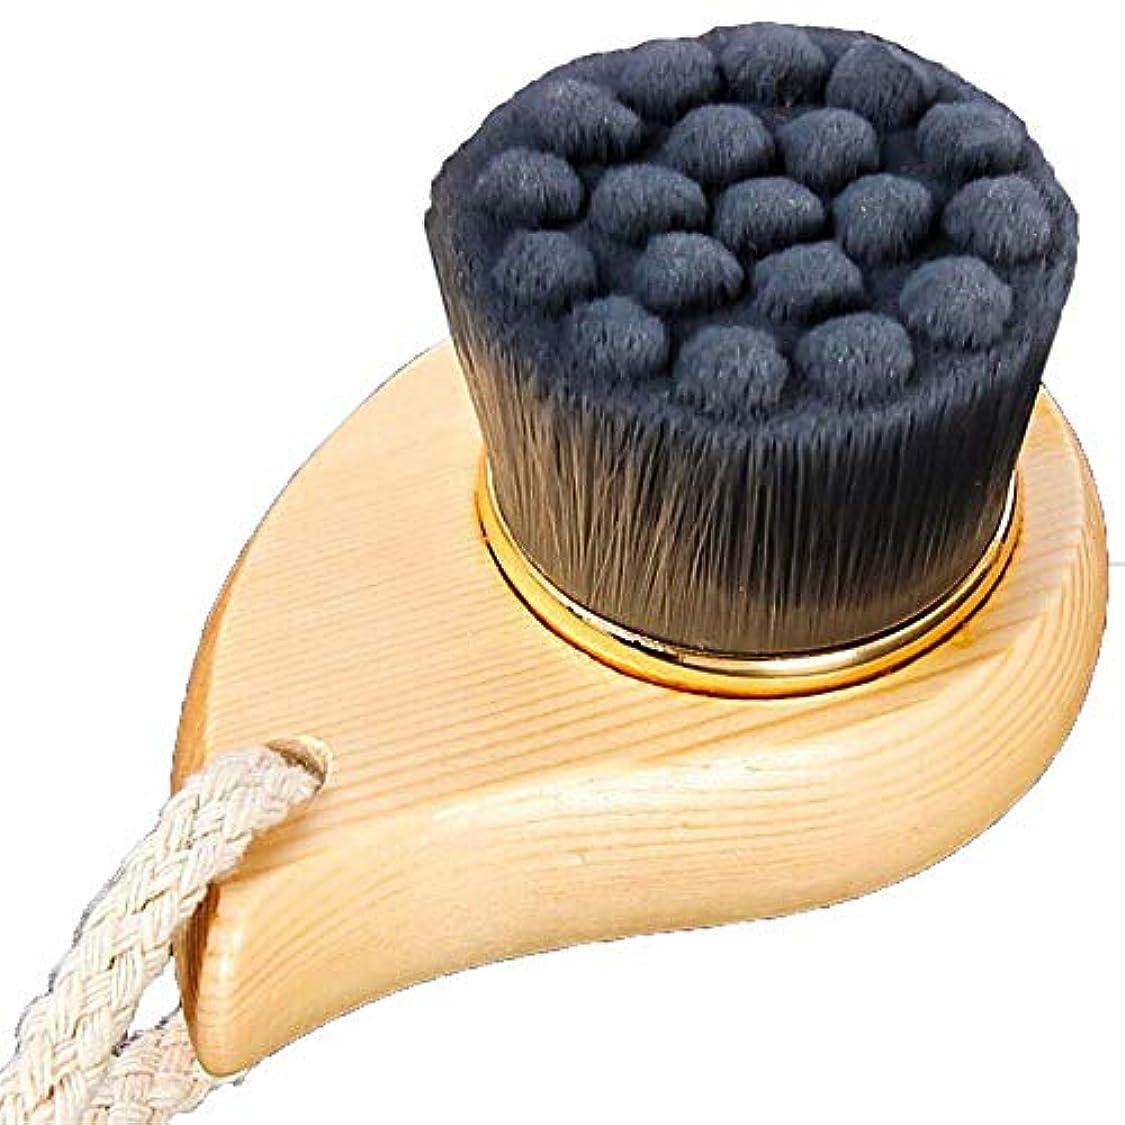 爪とても多くのかき混ぜる洗顔ブラシ 深い毛穴のための柔らかい剛毛の表面クリーニングの美のブラシの清潔になることの美顔術のブラシ ディープクレンジングスキンケア用